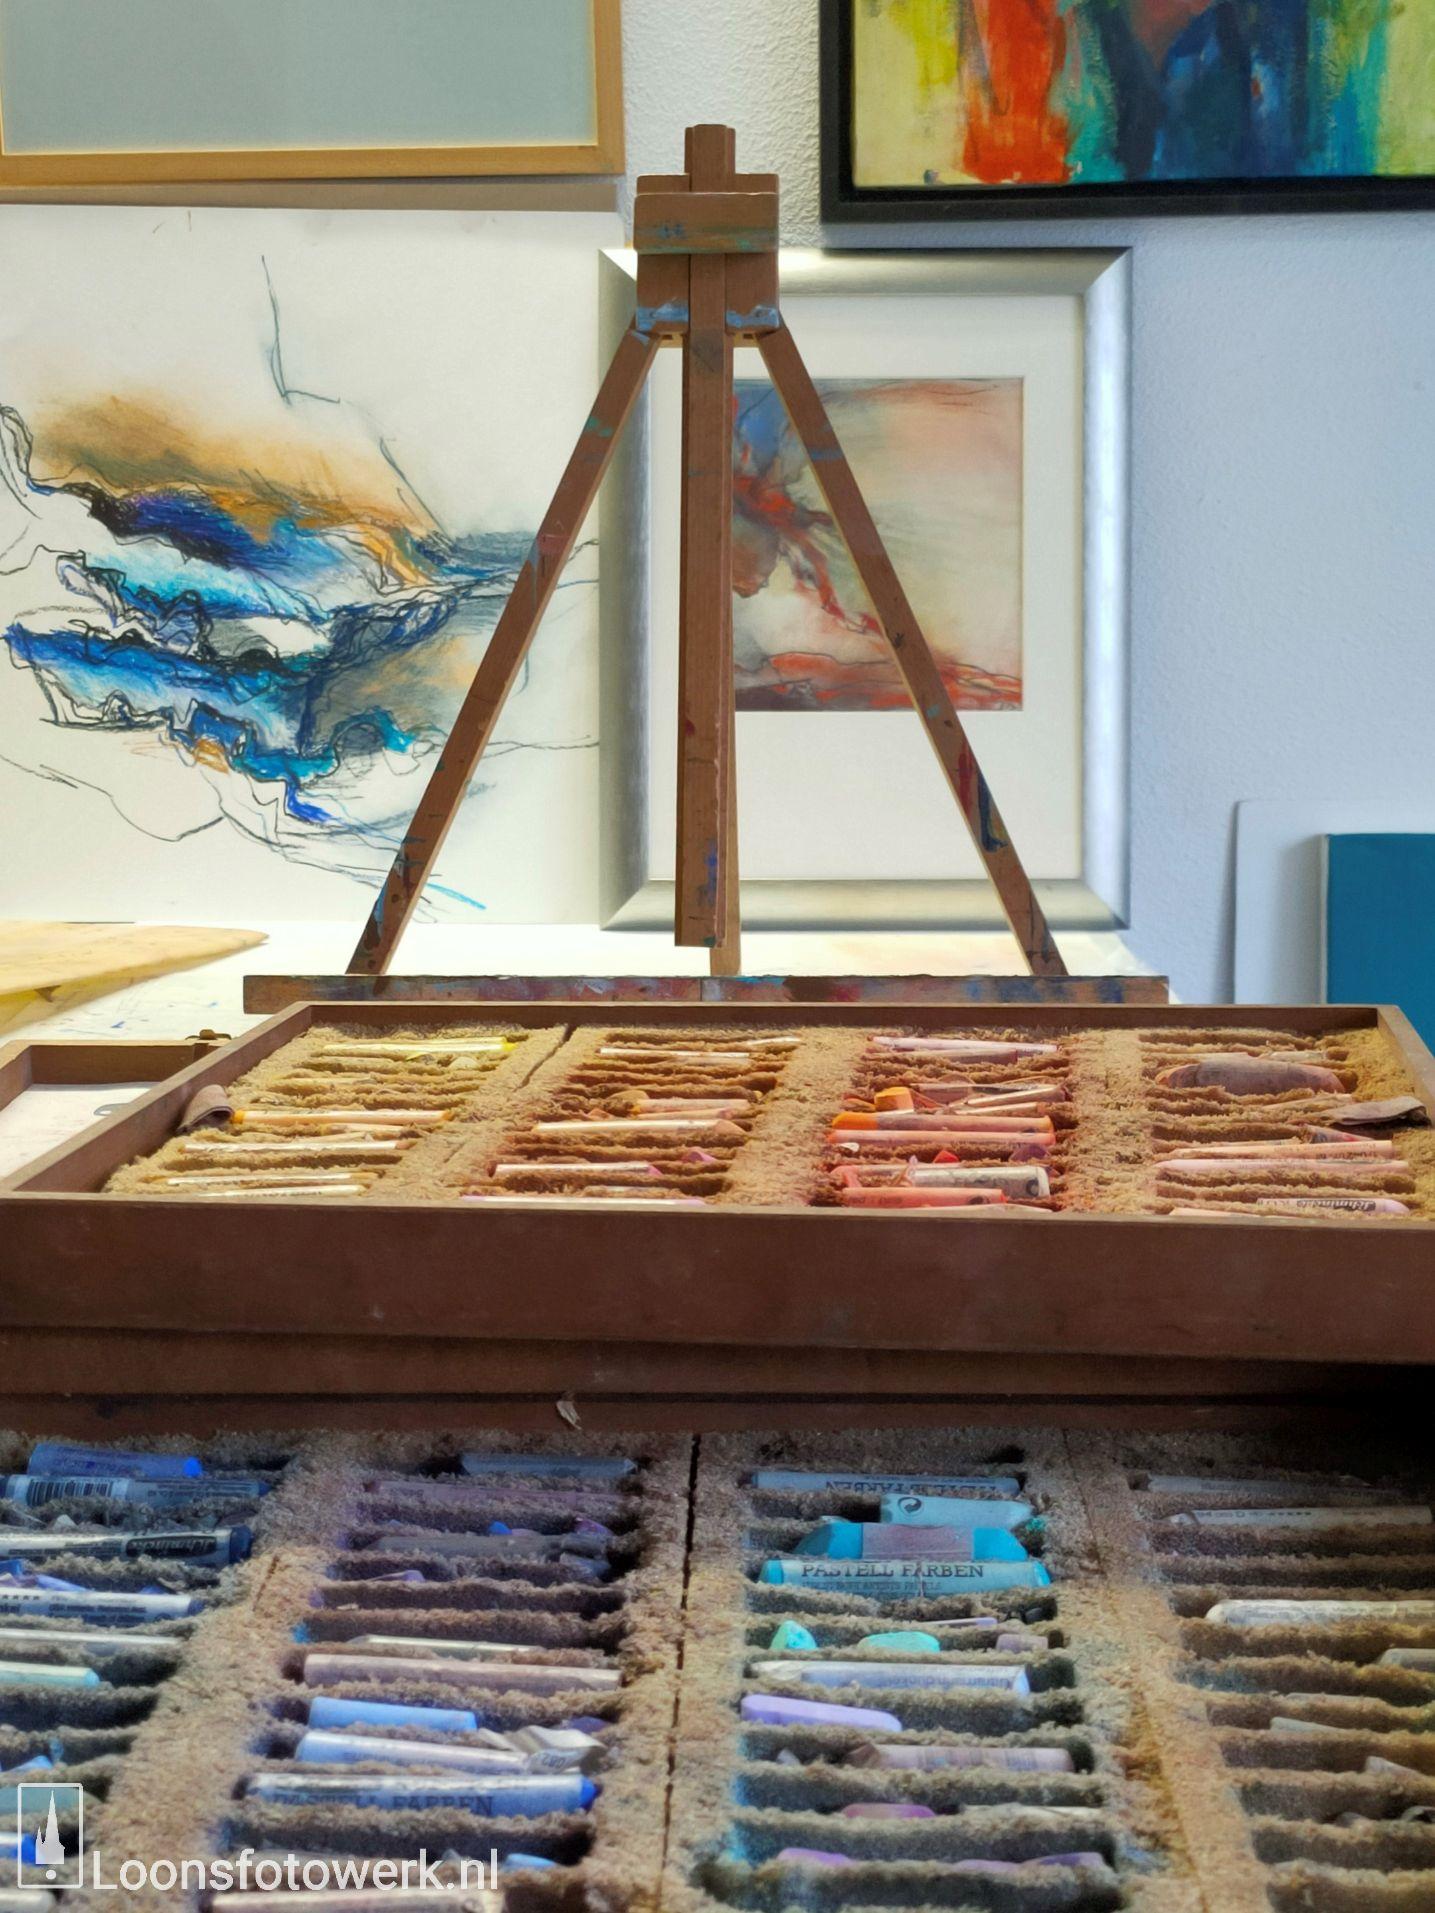 Els Smulders - Waijers, kunstenares in hart en nieren 7